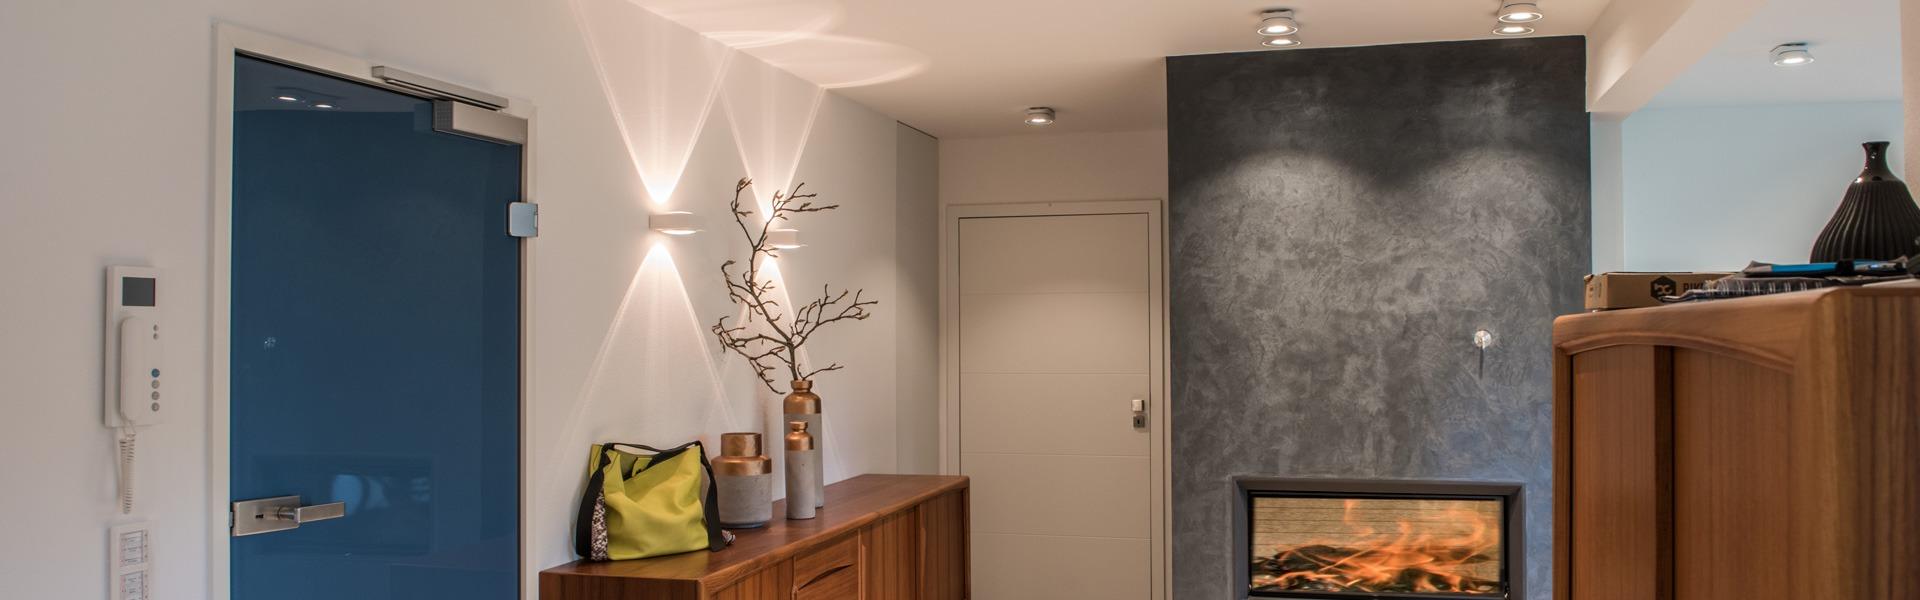 Full Size of Wohnzimmer Beleuchtung Bilder Und Tipps Zur Landhausstil Liege Lampe Fototapete Stehlampe Deckenleuchten Weihnachtsbeleuchtung Fenster Board Pendelleuchte Wohnzimmer Wohnzimmer Beleuchtung